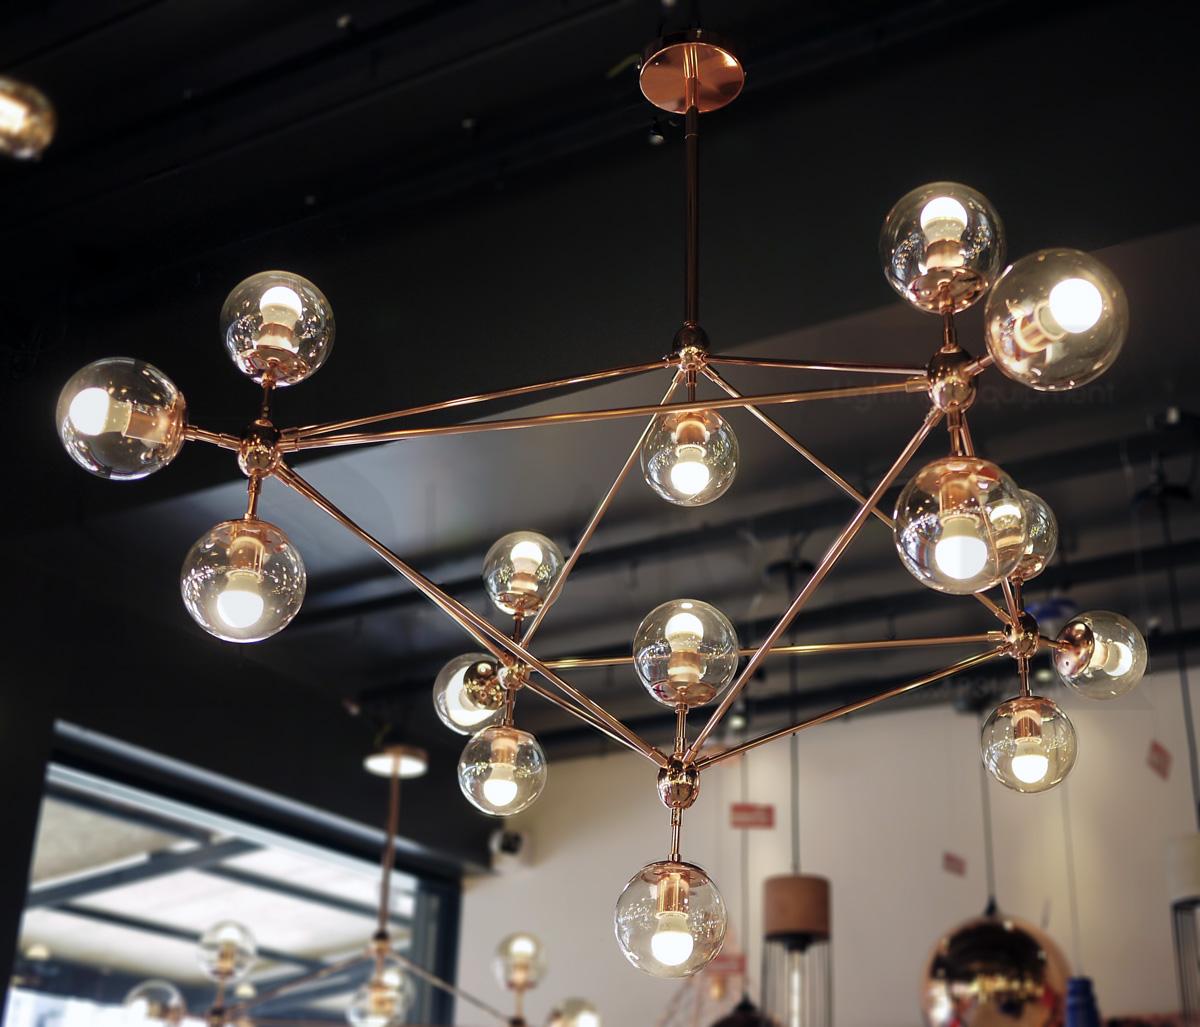 โคมไฟระย้า โคมไฟเพดาน โคมไฟแขวน โคมไฟโมเดิร์น โคมไฟช่อ LFC1033